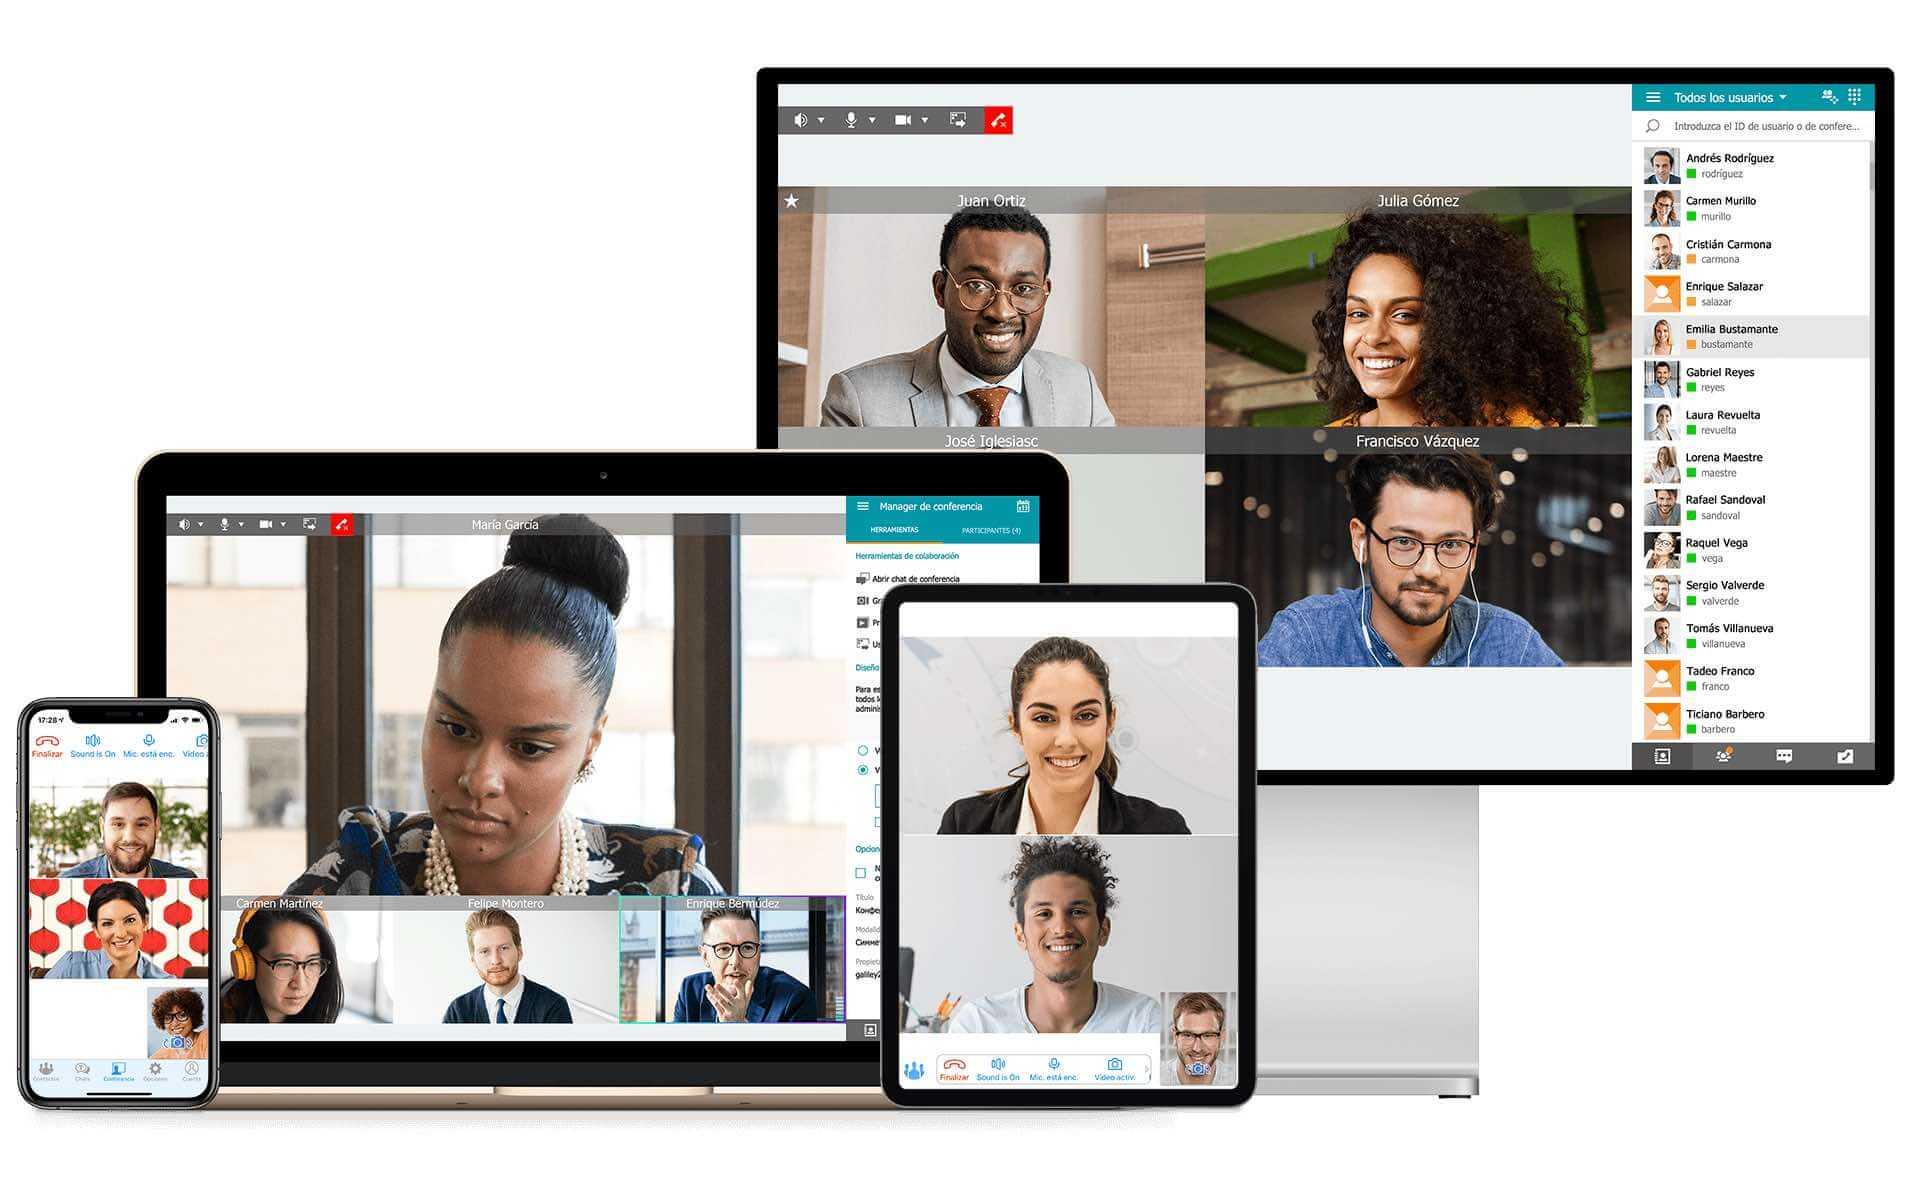 Programa de videoconferencias gratis: Trueconf